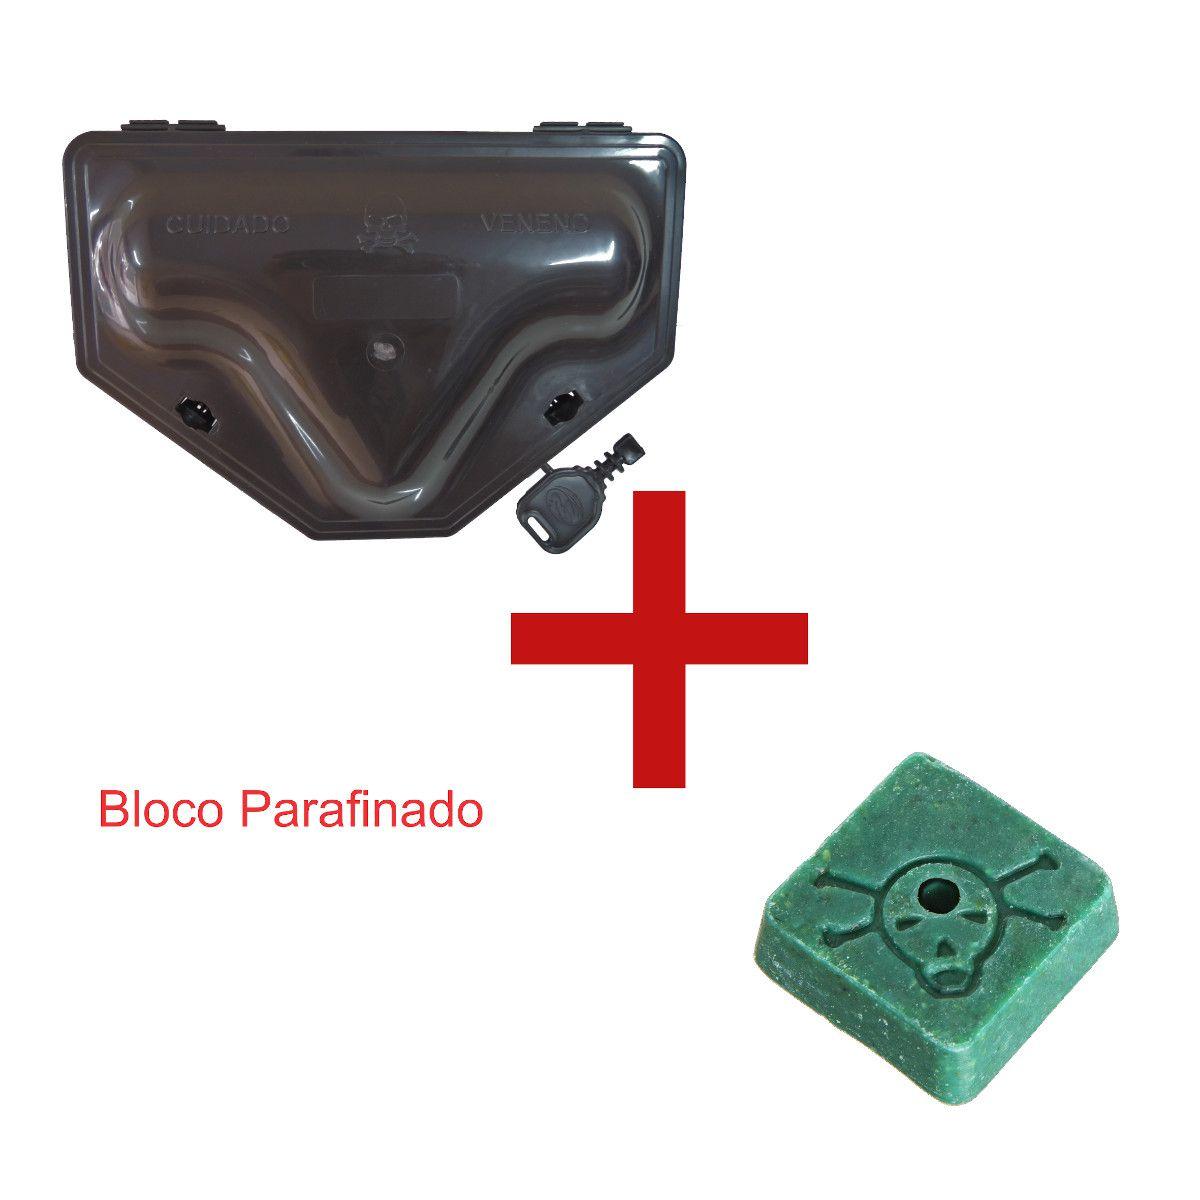 24 Porta Iscas C/ Duplo Travamento + 24 Bloco Parafinado